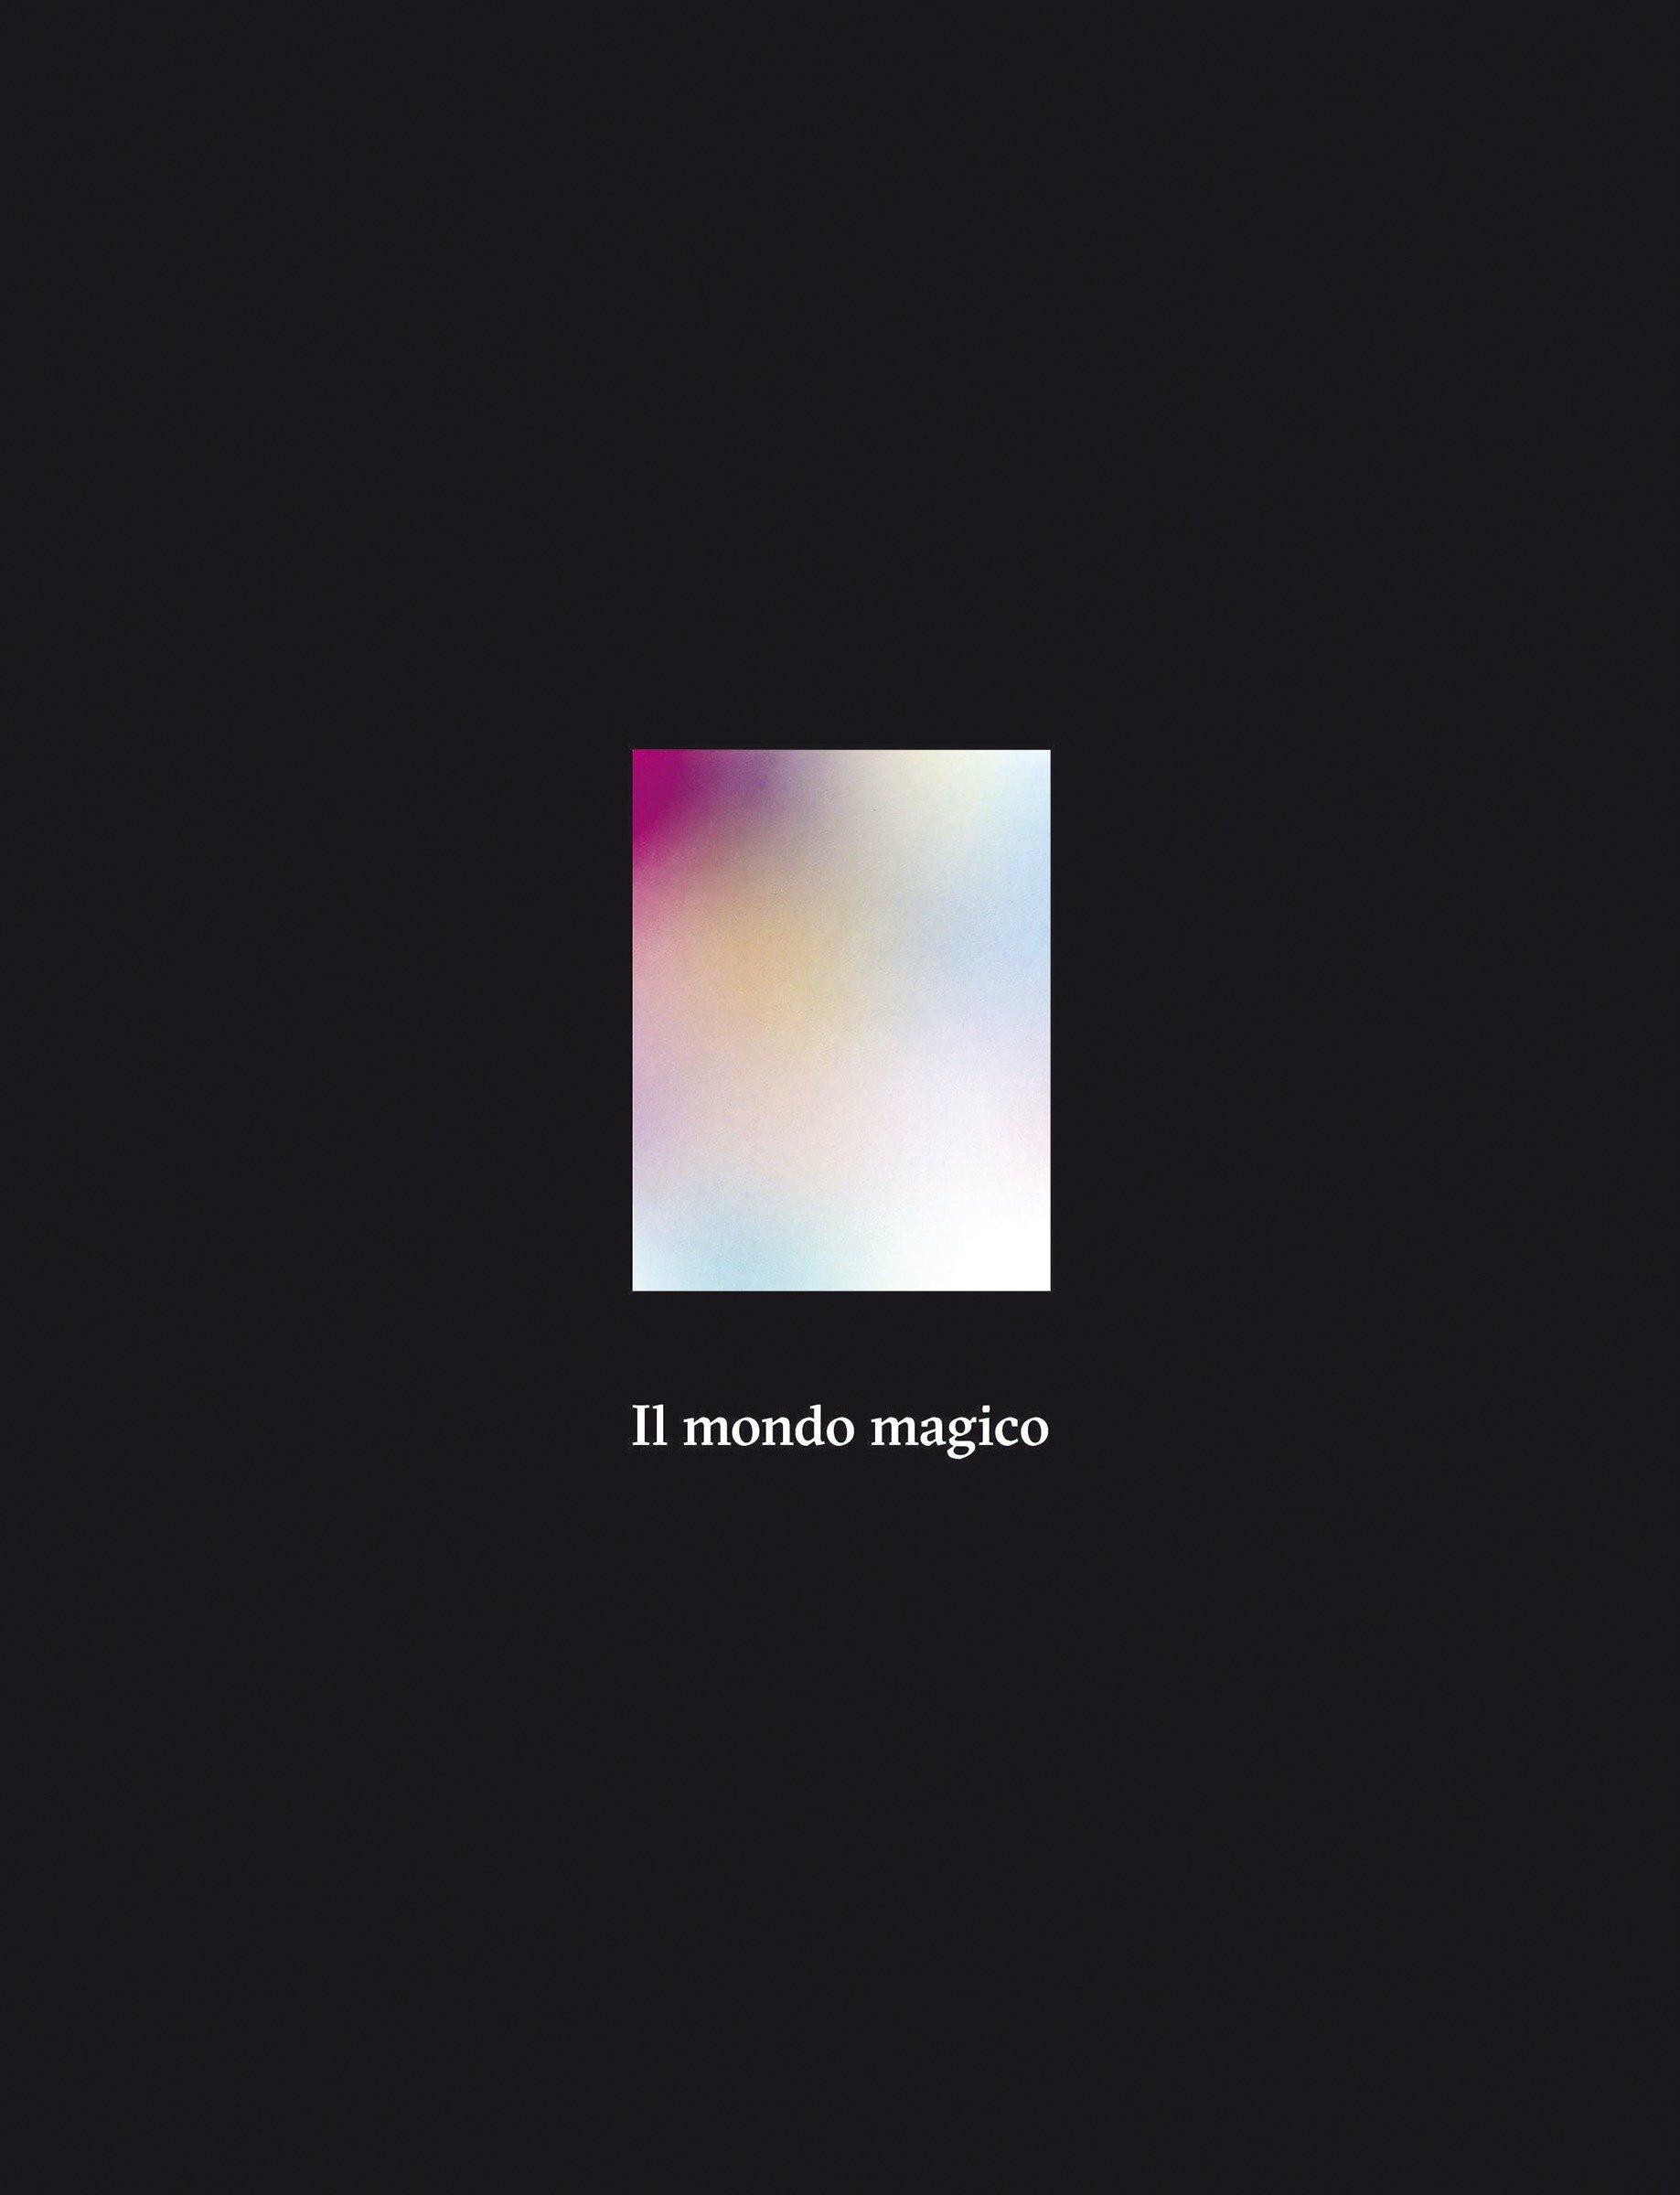 Il mondo magico. Ediz. illustrata (Inglese) Copertina rigida – 25 mag 2017 C. Alemani Marsilio 8831727206 ARTI